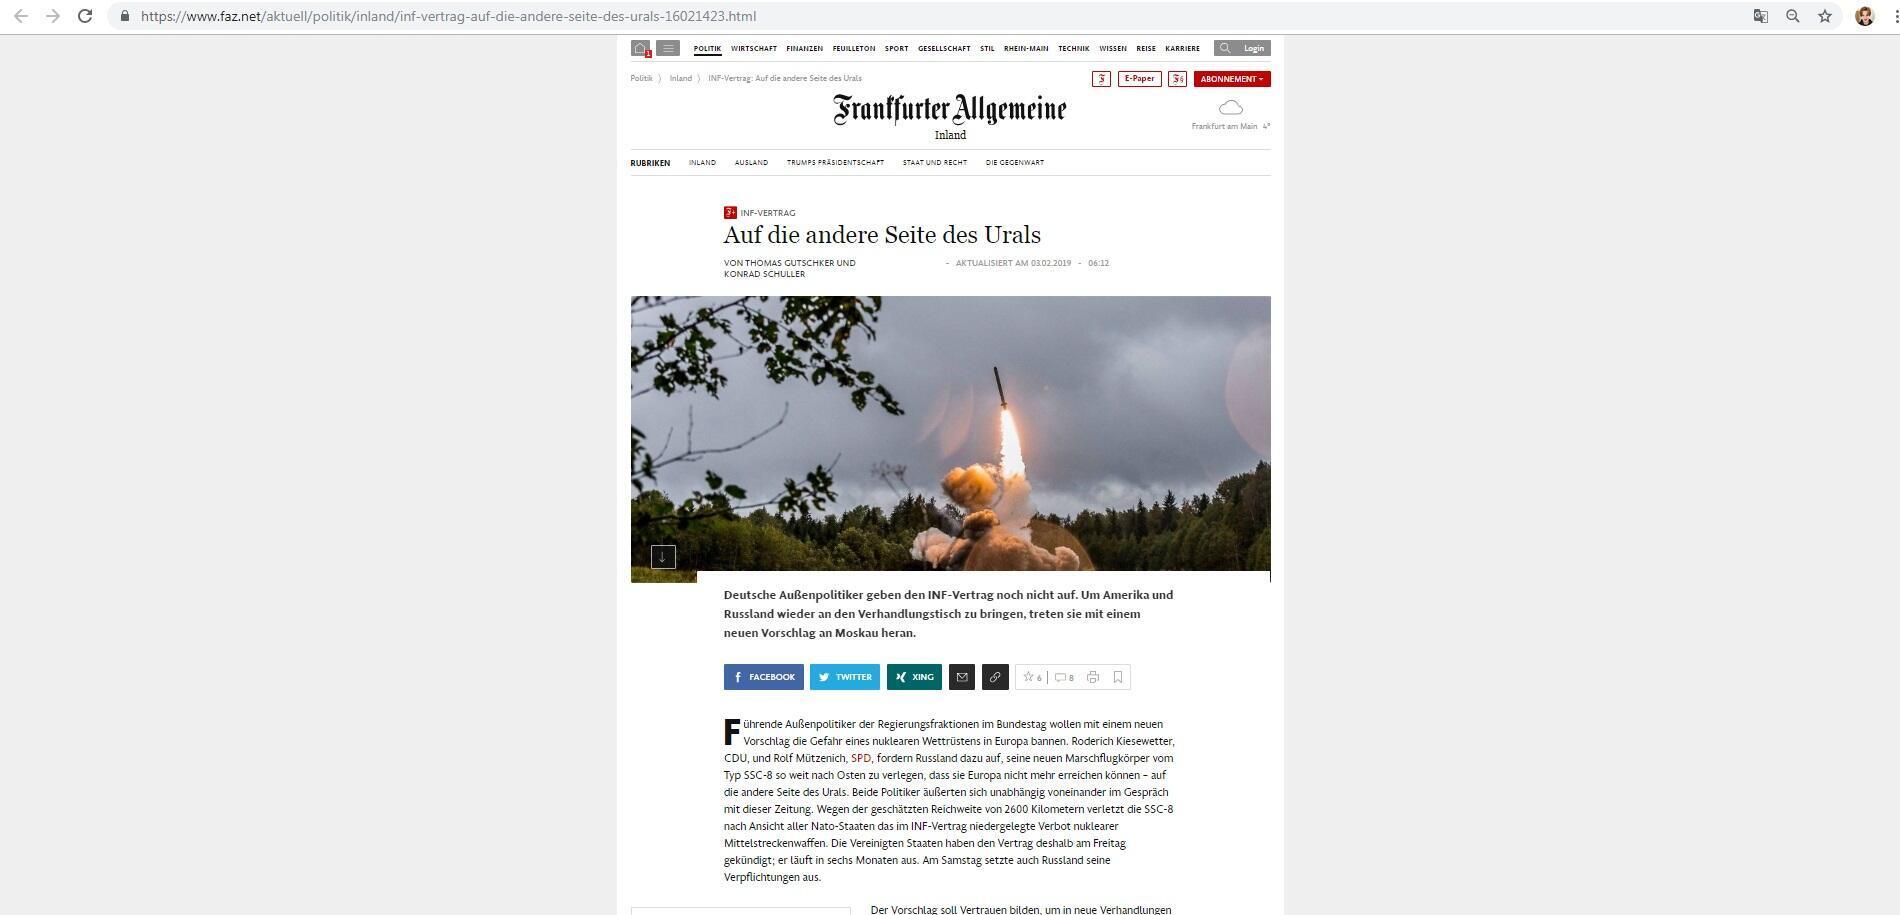 В бундестаге считают, что перенос ракет за Урал поможет сохранить договор